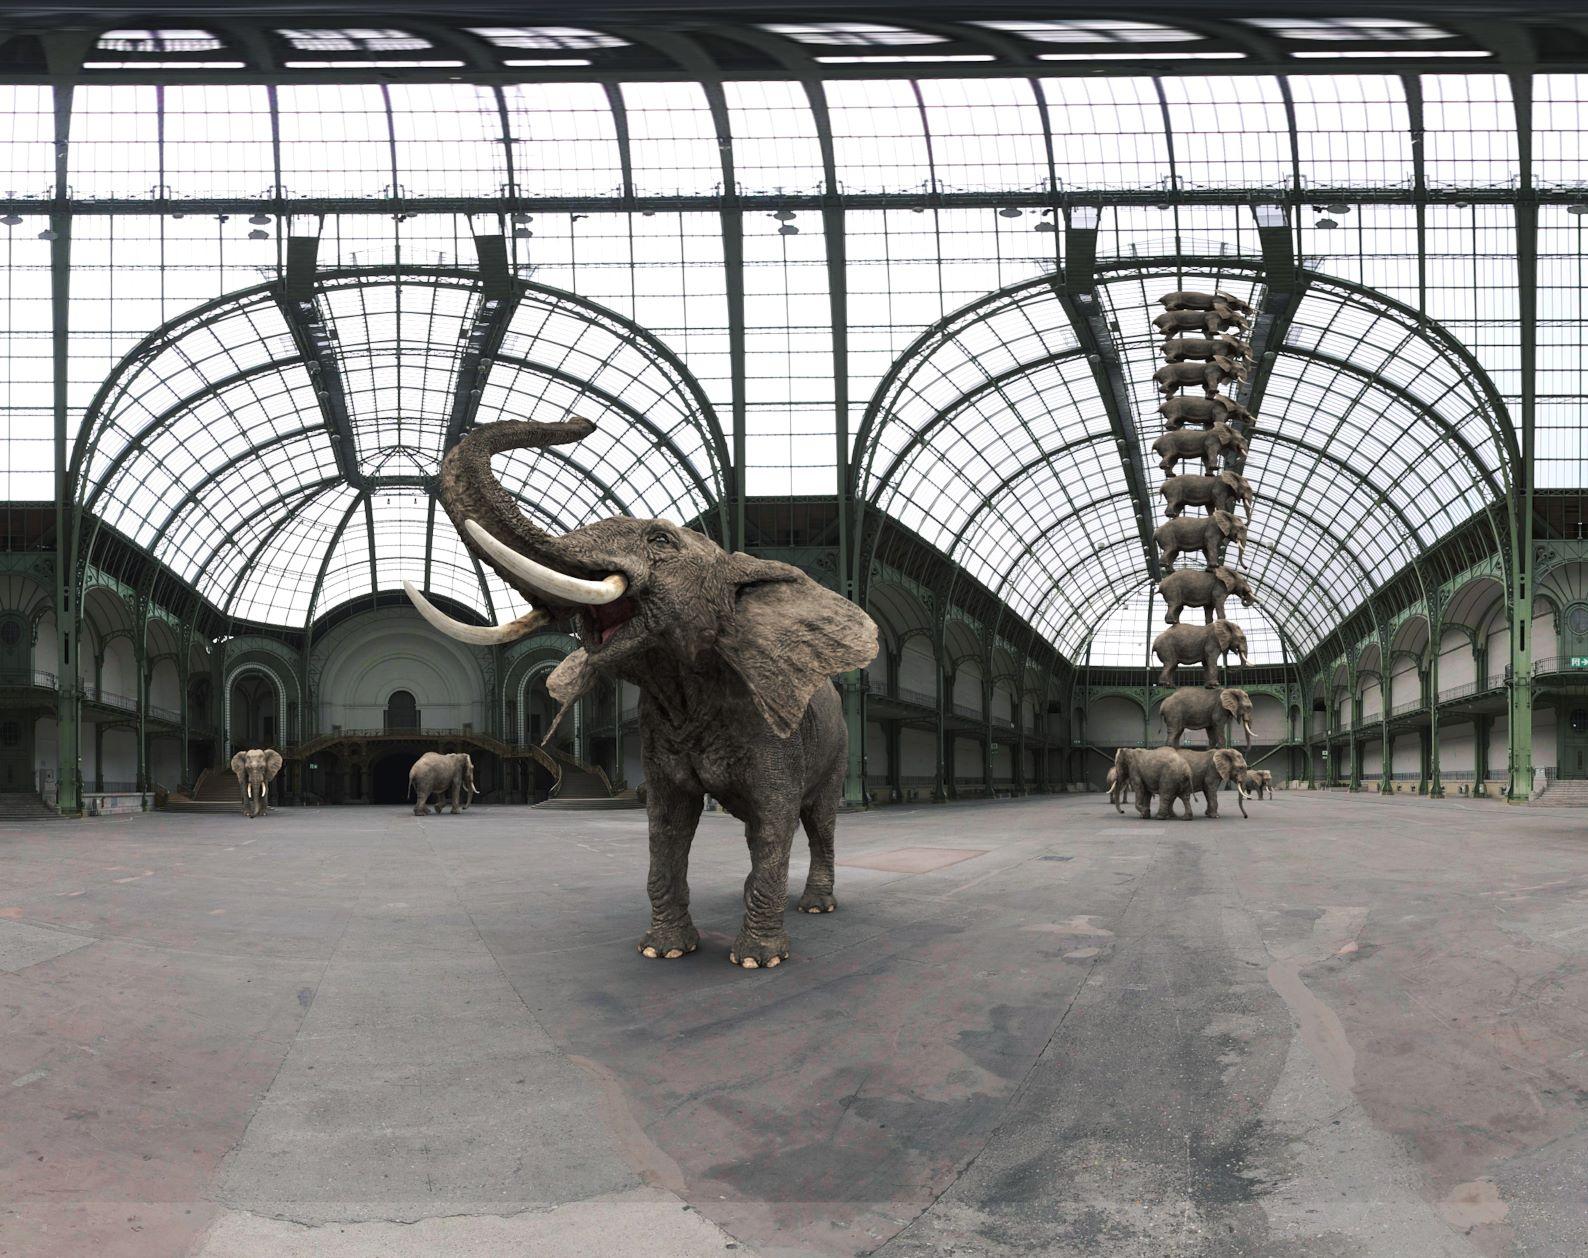 Le Grand Palais et sa fameuse verrière, la plus grande d'Europe. Elle accueille 12 éléphants superposés - Photo FlyView